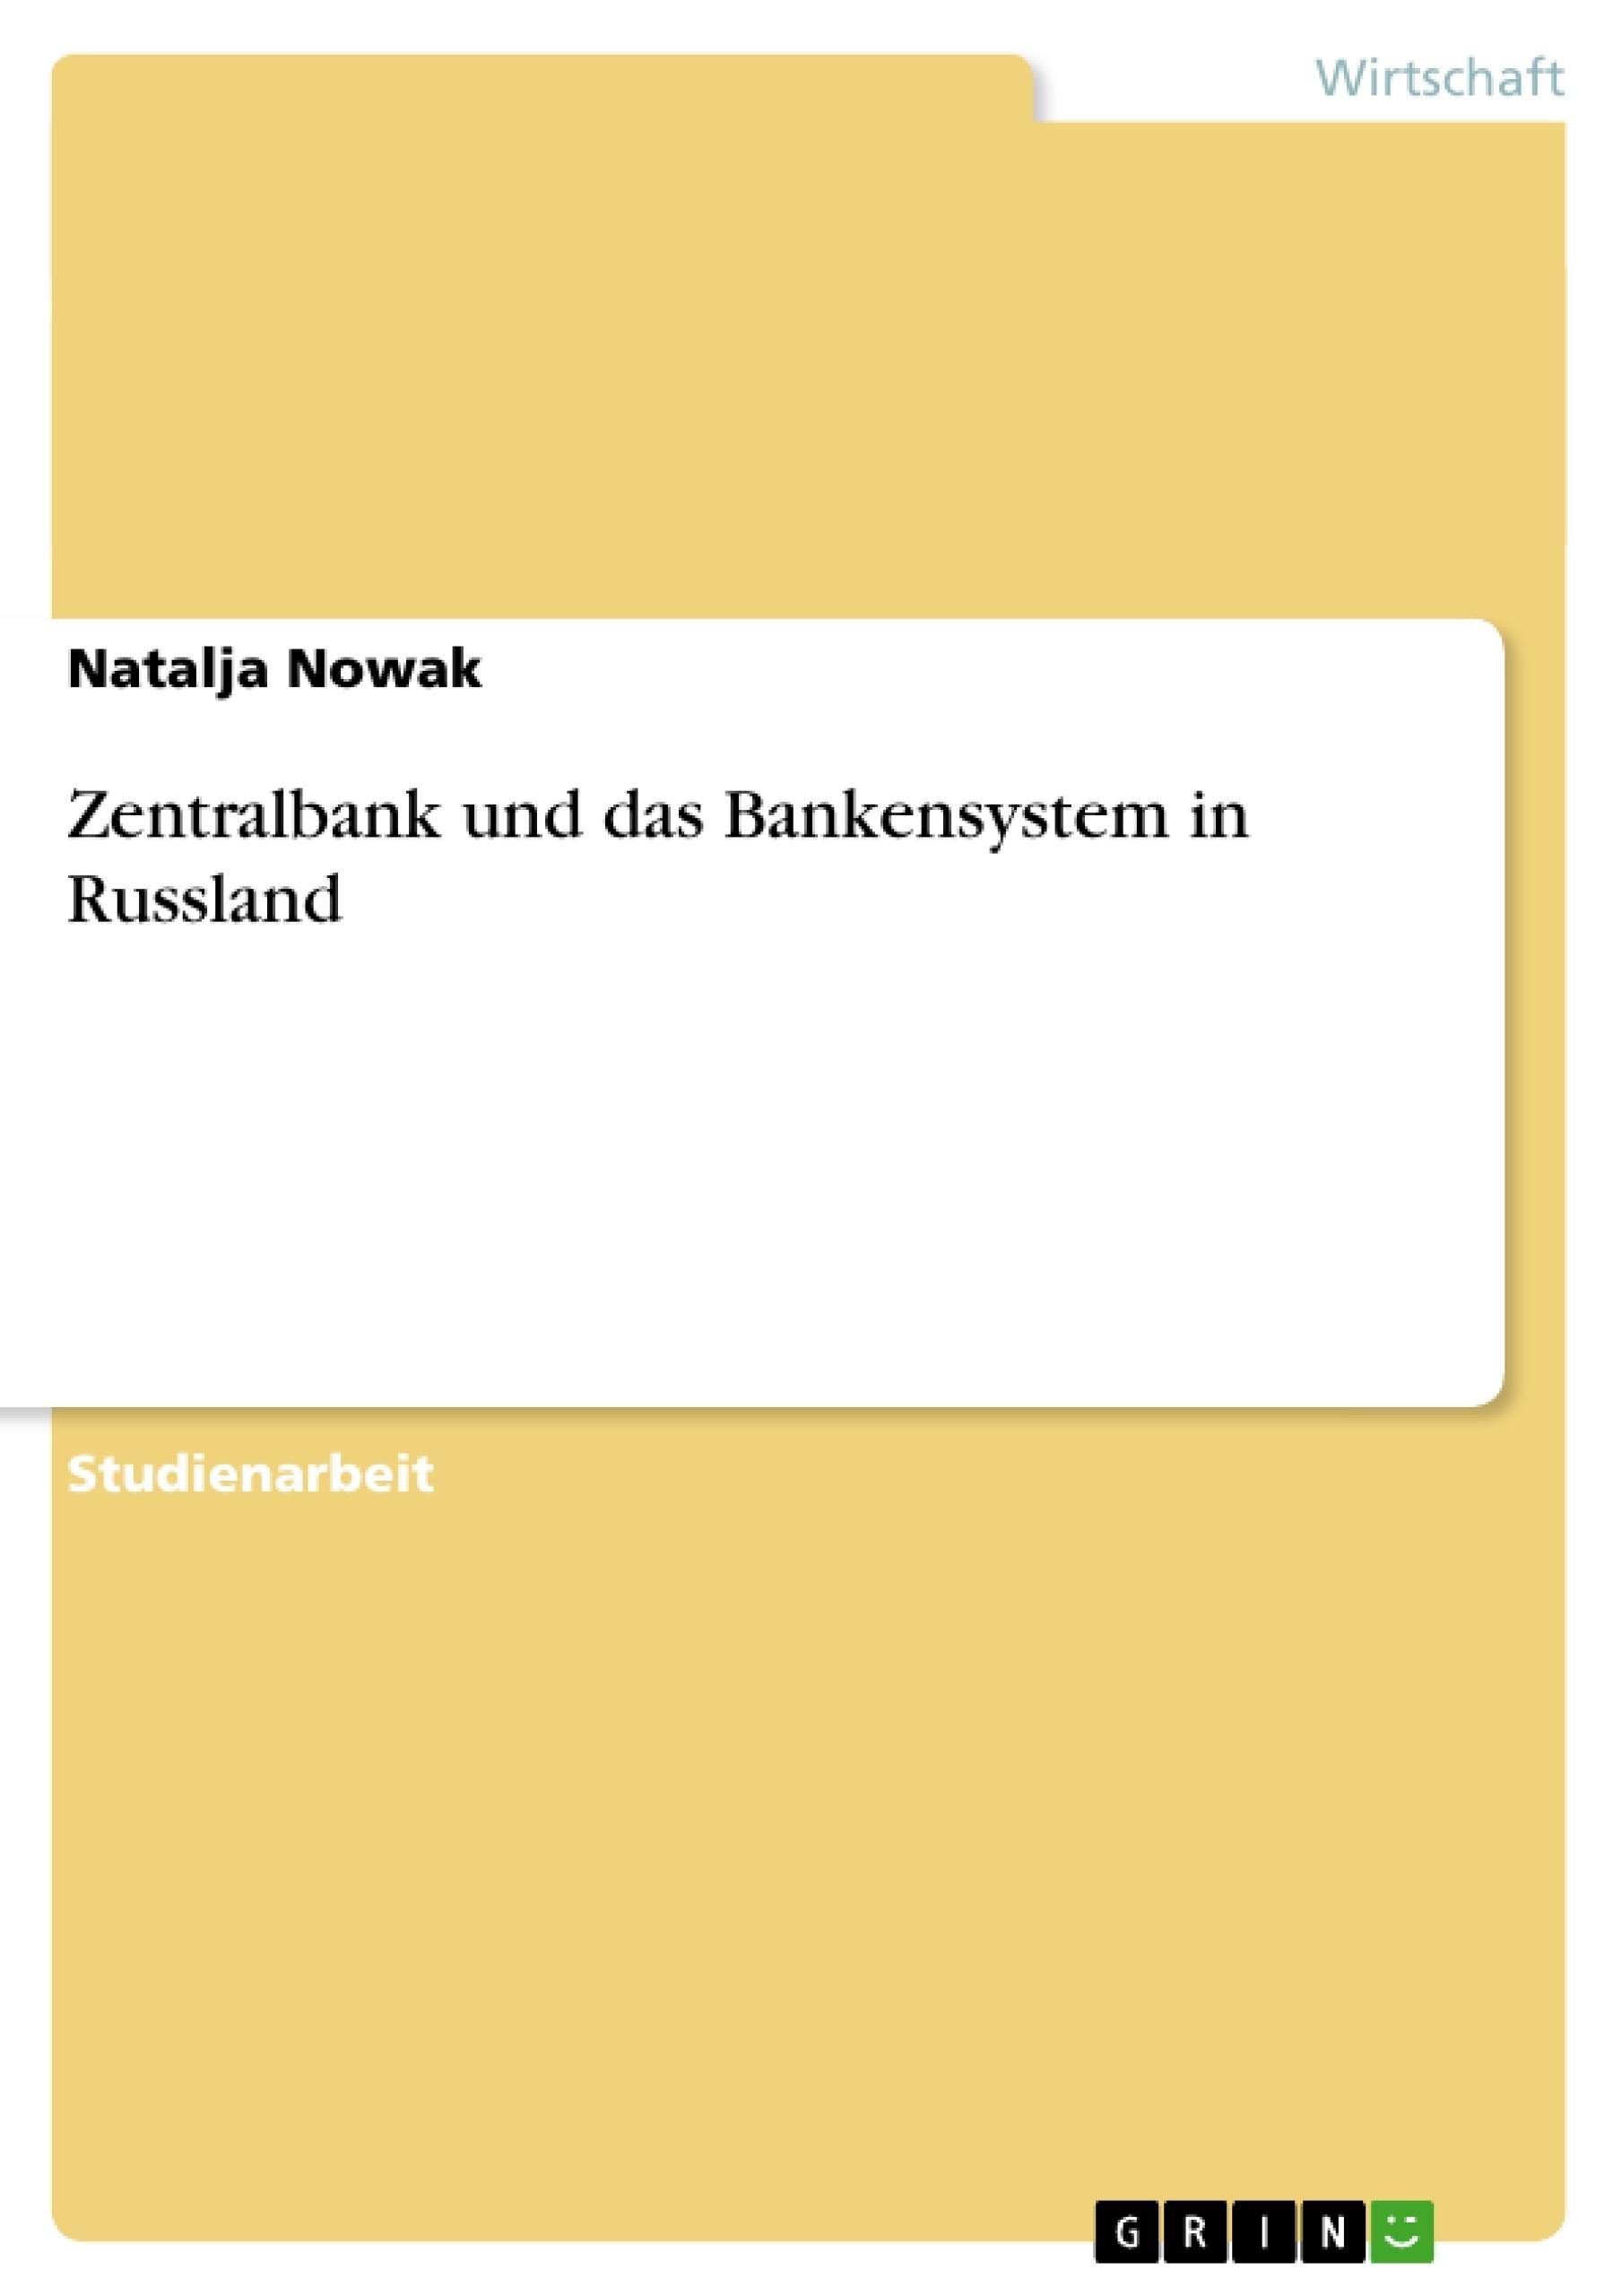 Titel: Zentralbank und das Bankensystem in Russland